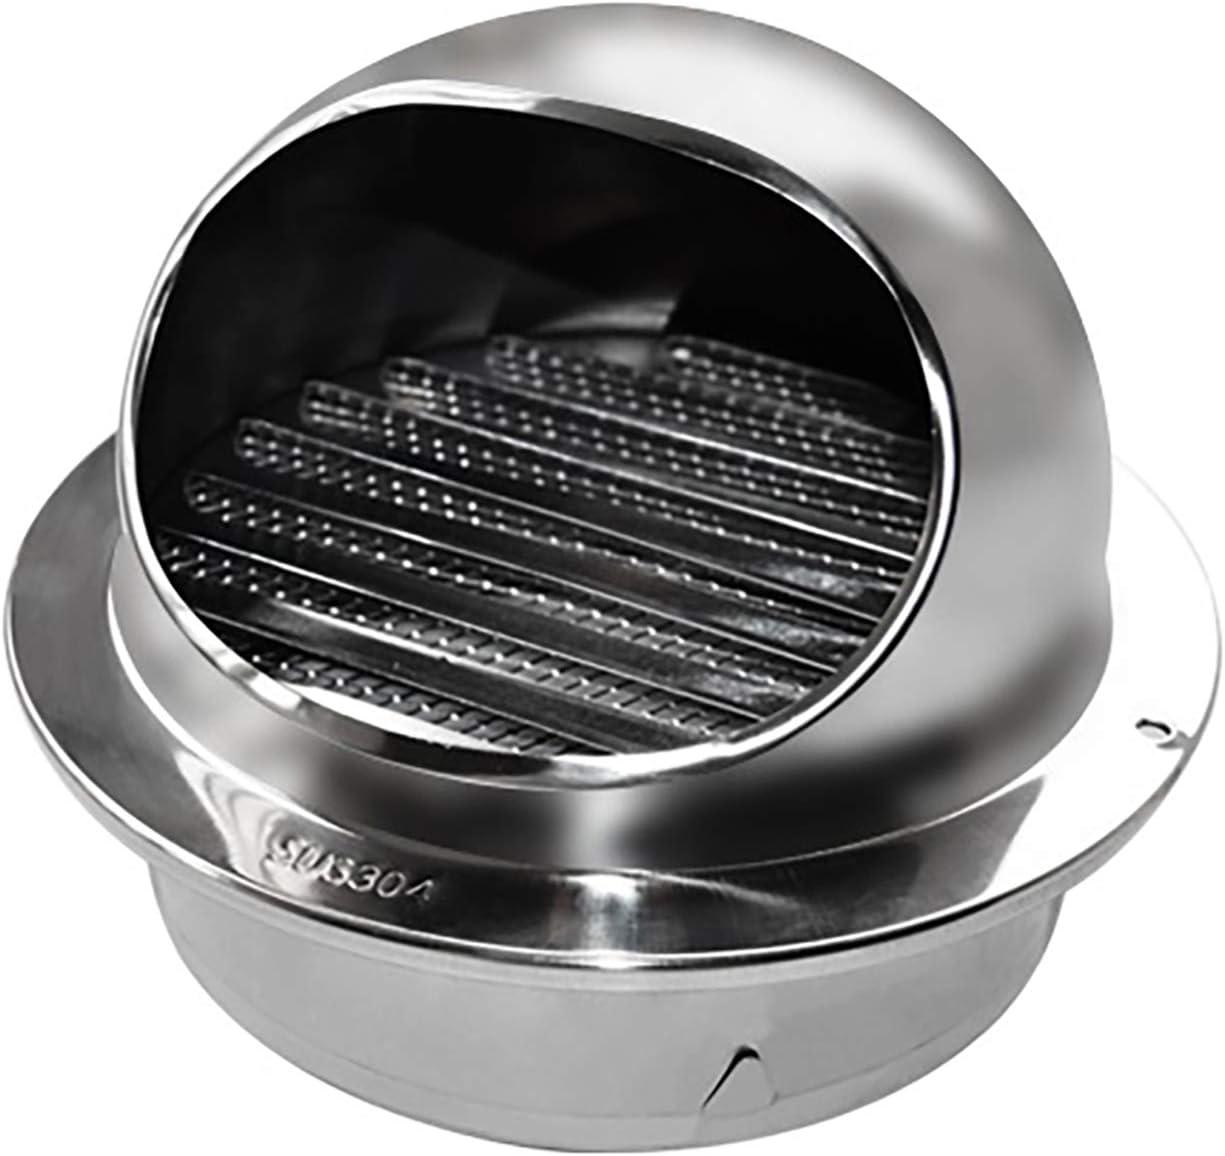 Ventilación de ventilación Ventilación de aire Redondo Cubierta de rejilla de acero inoxidable Ventilación de pared Capucha toro tino extractor externo Pared para cocina y baño (Ø80-160mm),120mm